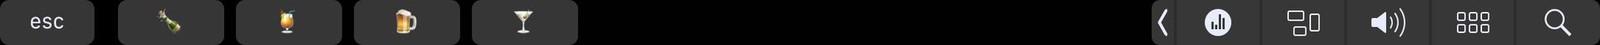 Touchbar bar